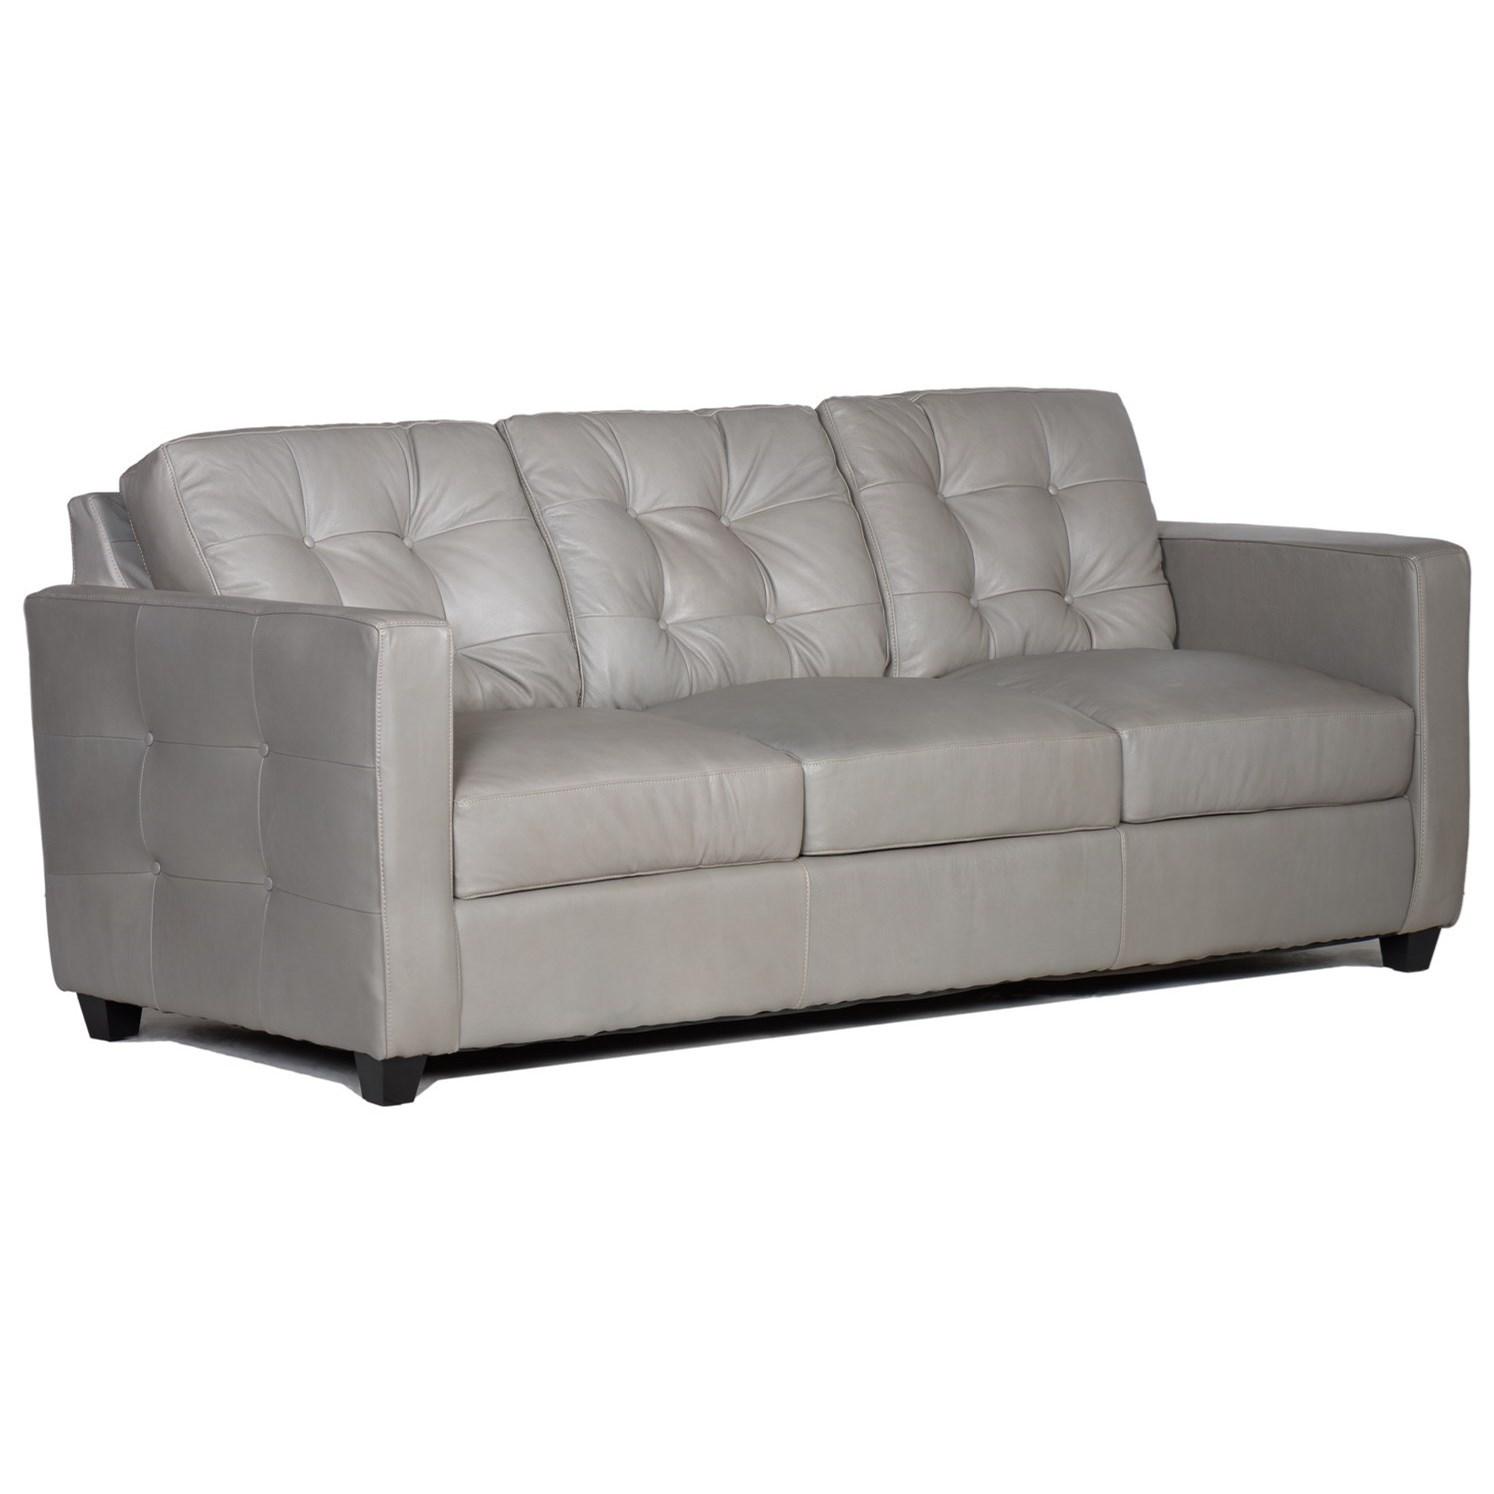 100% Leather Sofa